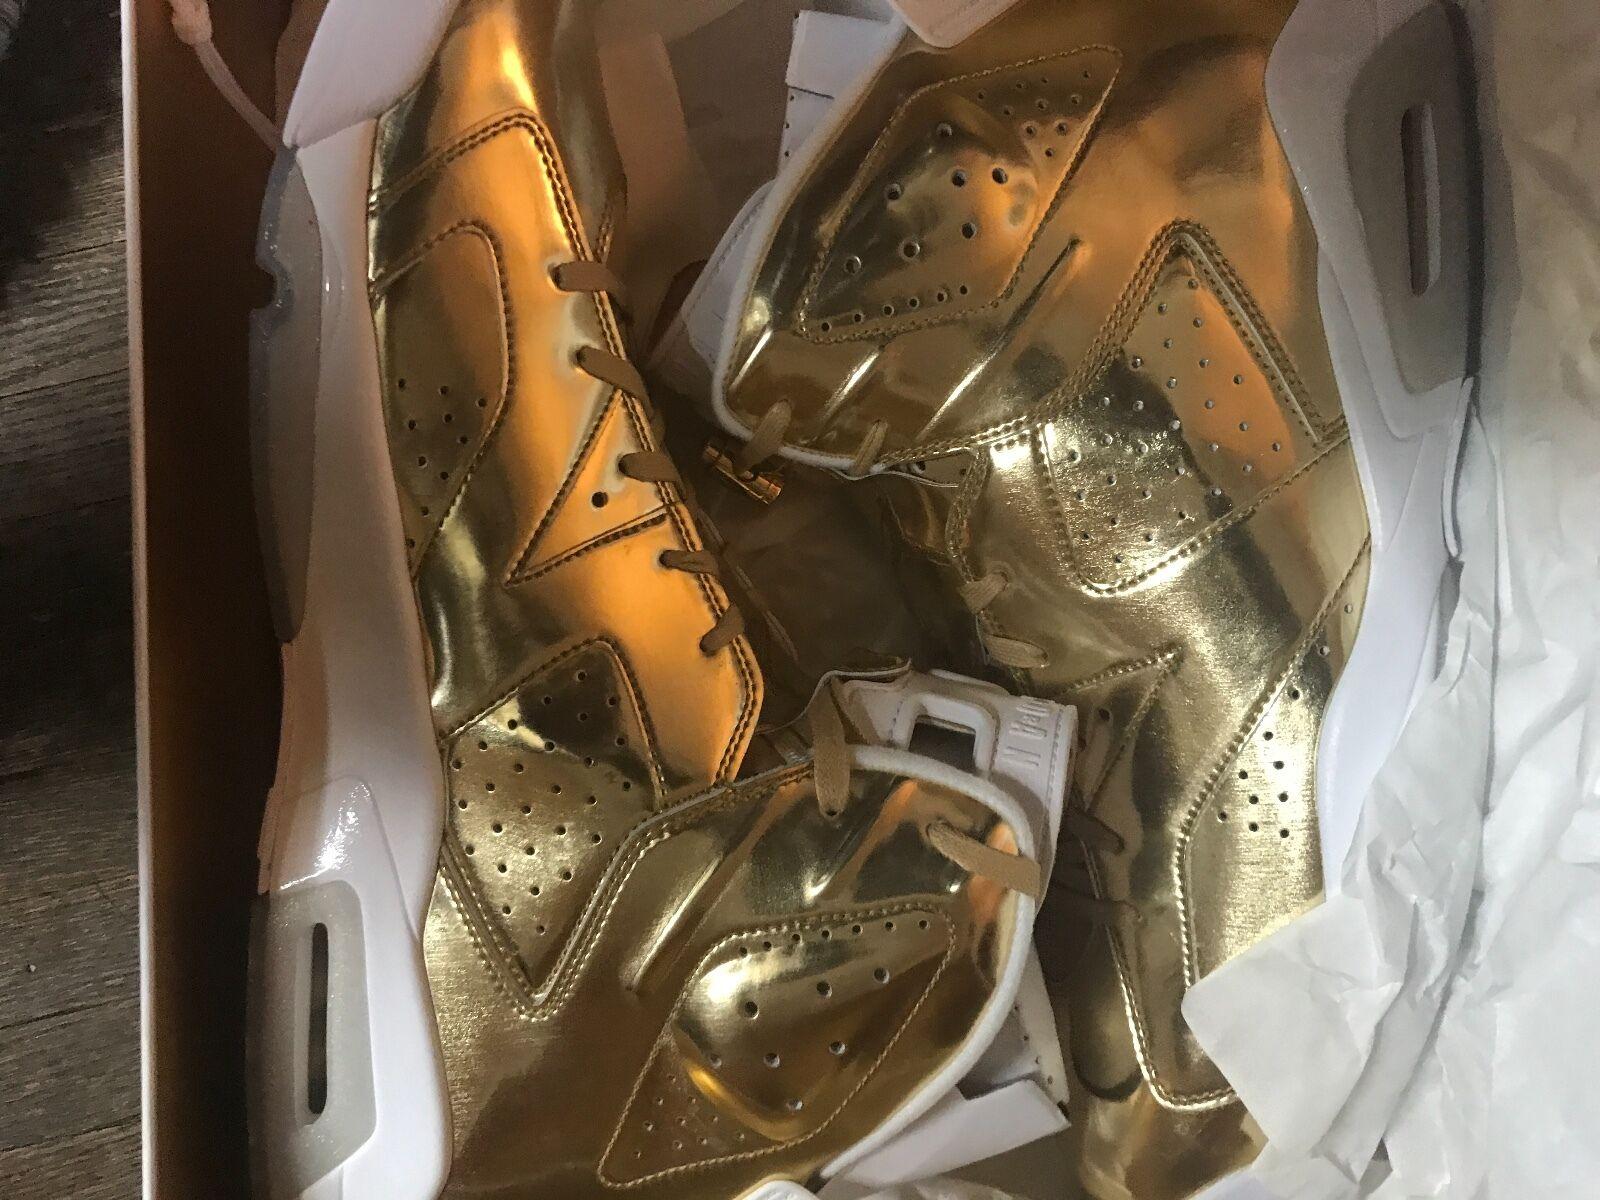 Nike air p1nnacle jordan vi 6 retr p1nnacle air apice bianco metallico oro numero 16 cff522